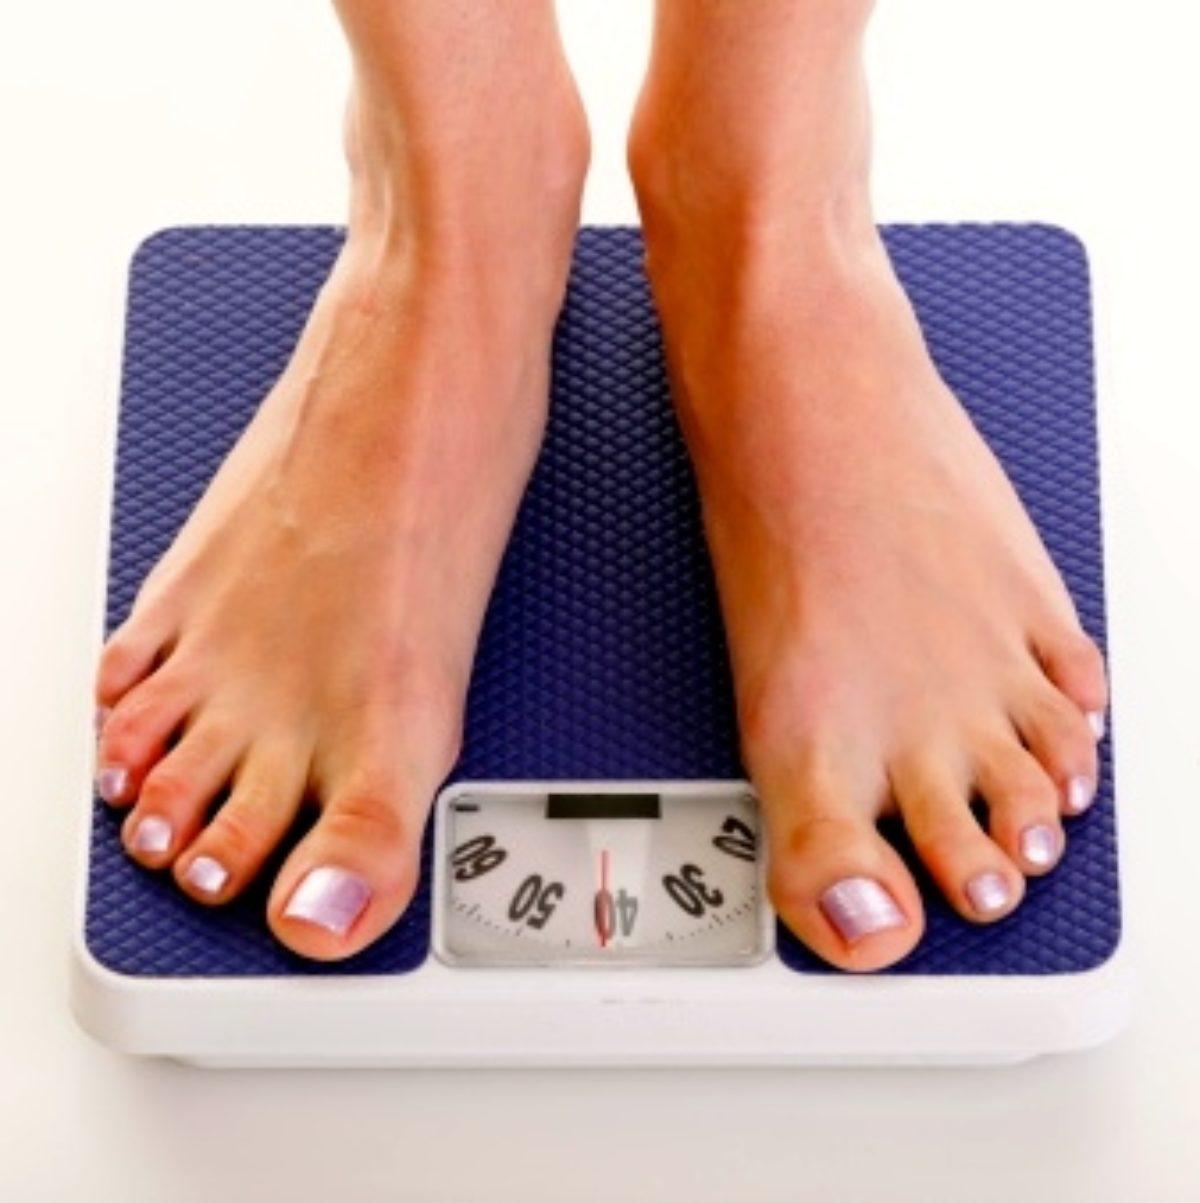 pierderea sănătoasă a greutății la un buget